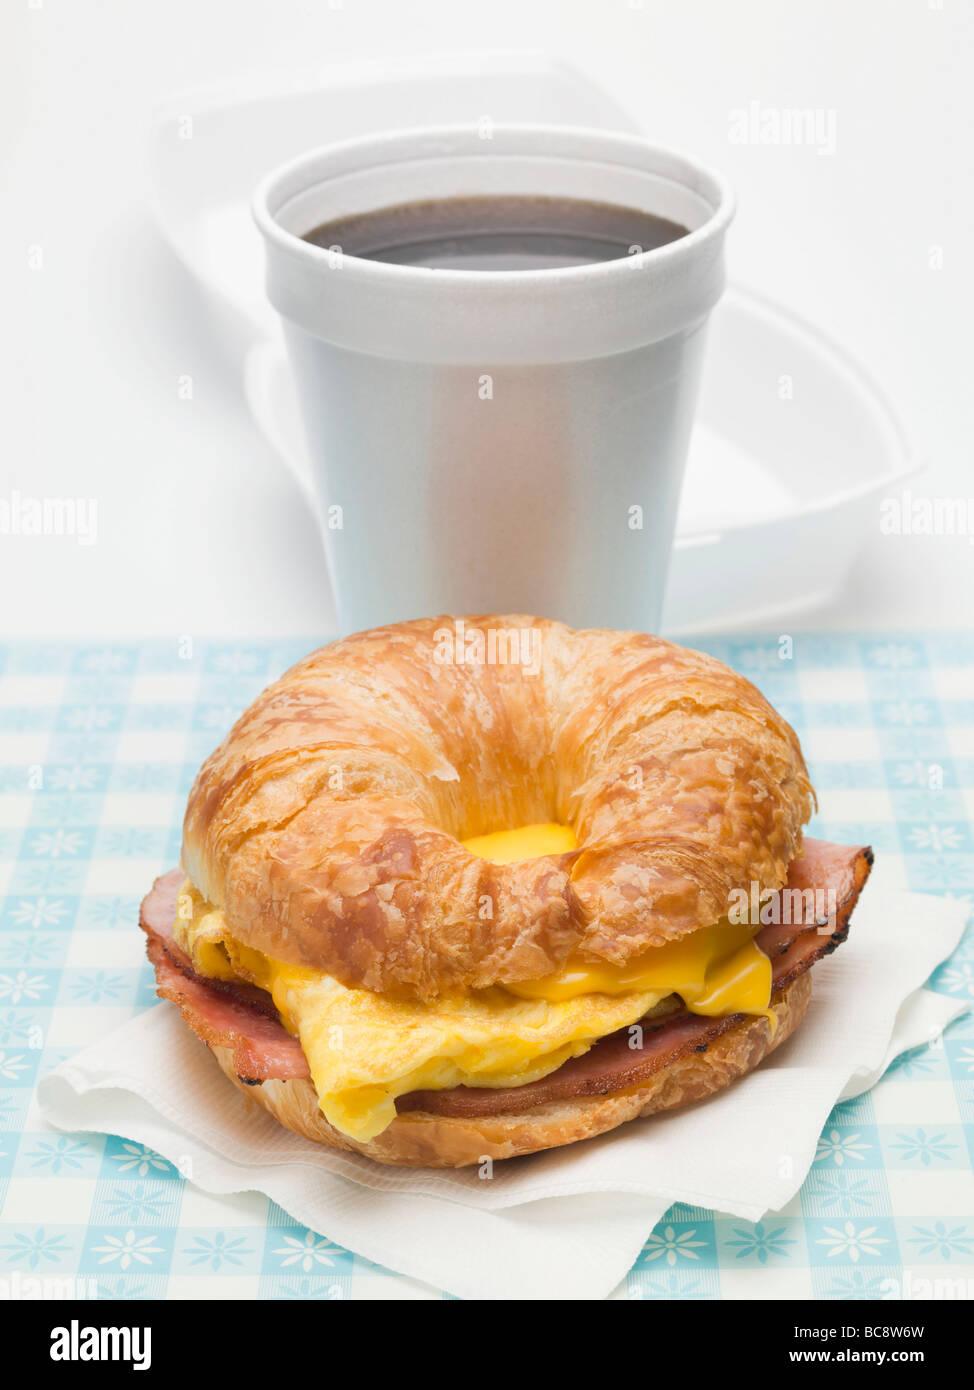 Croissant con uova strapazzate, formaggio e pancetta, una tazza di caffè - Immagini Stock